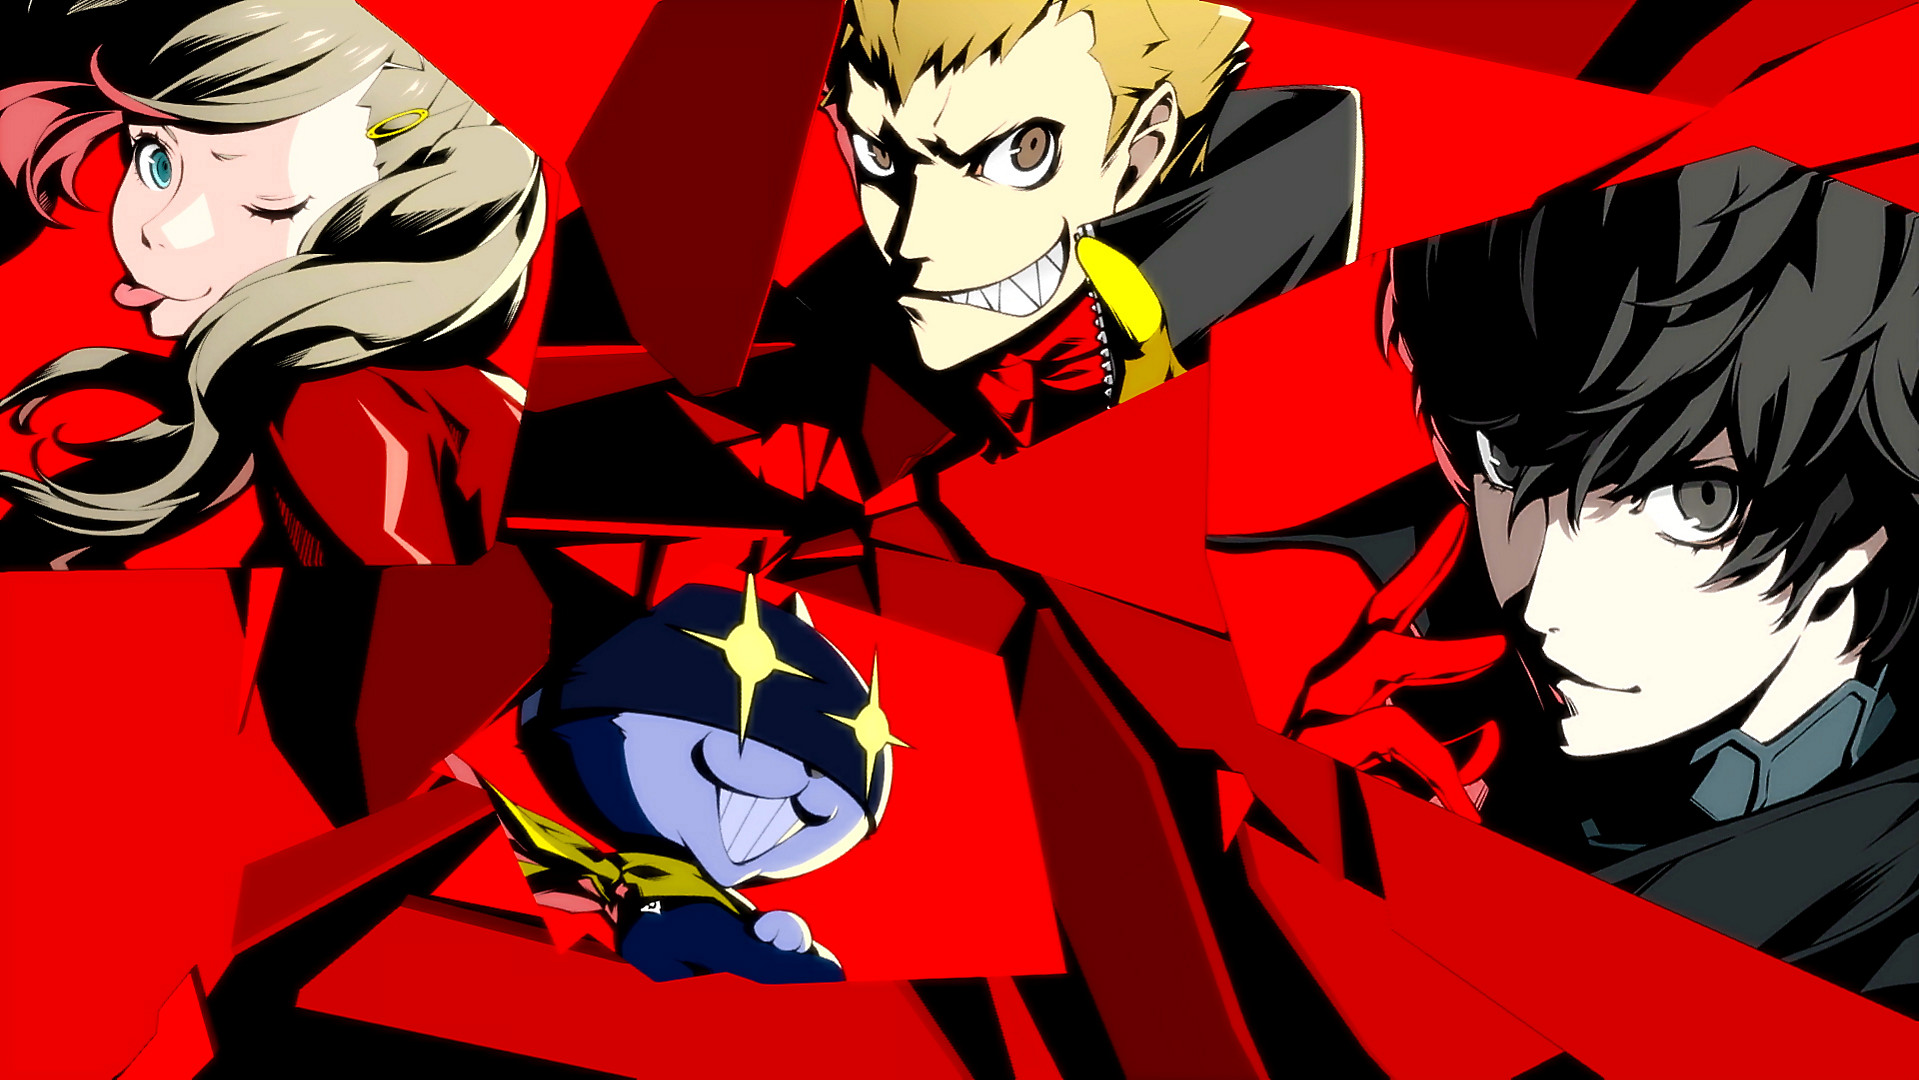 Artwork of Joker, Morgana, Ryuji, and Ann from Persona 5 Royal